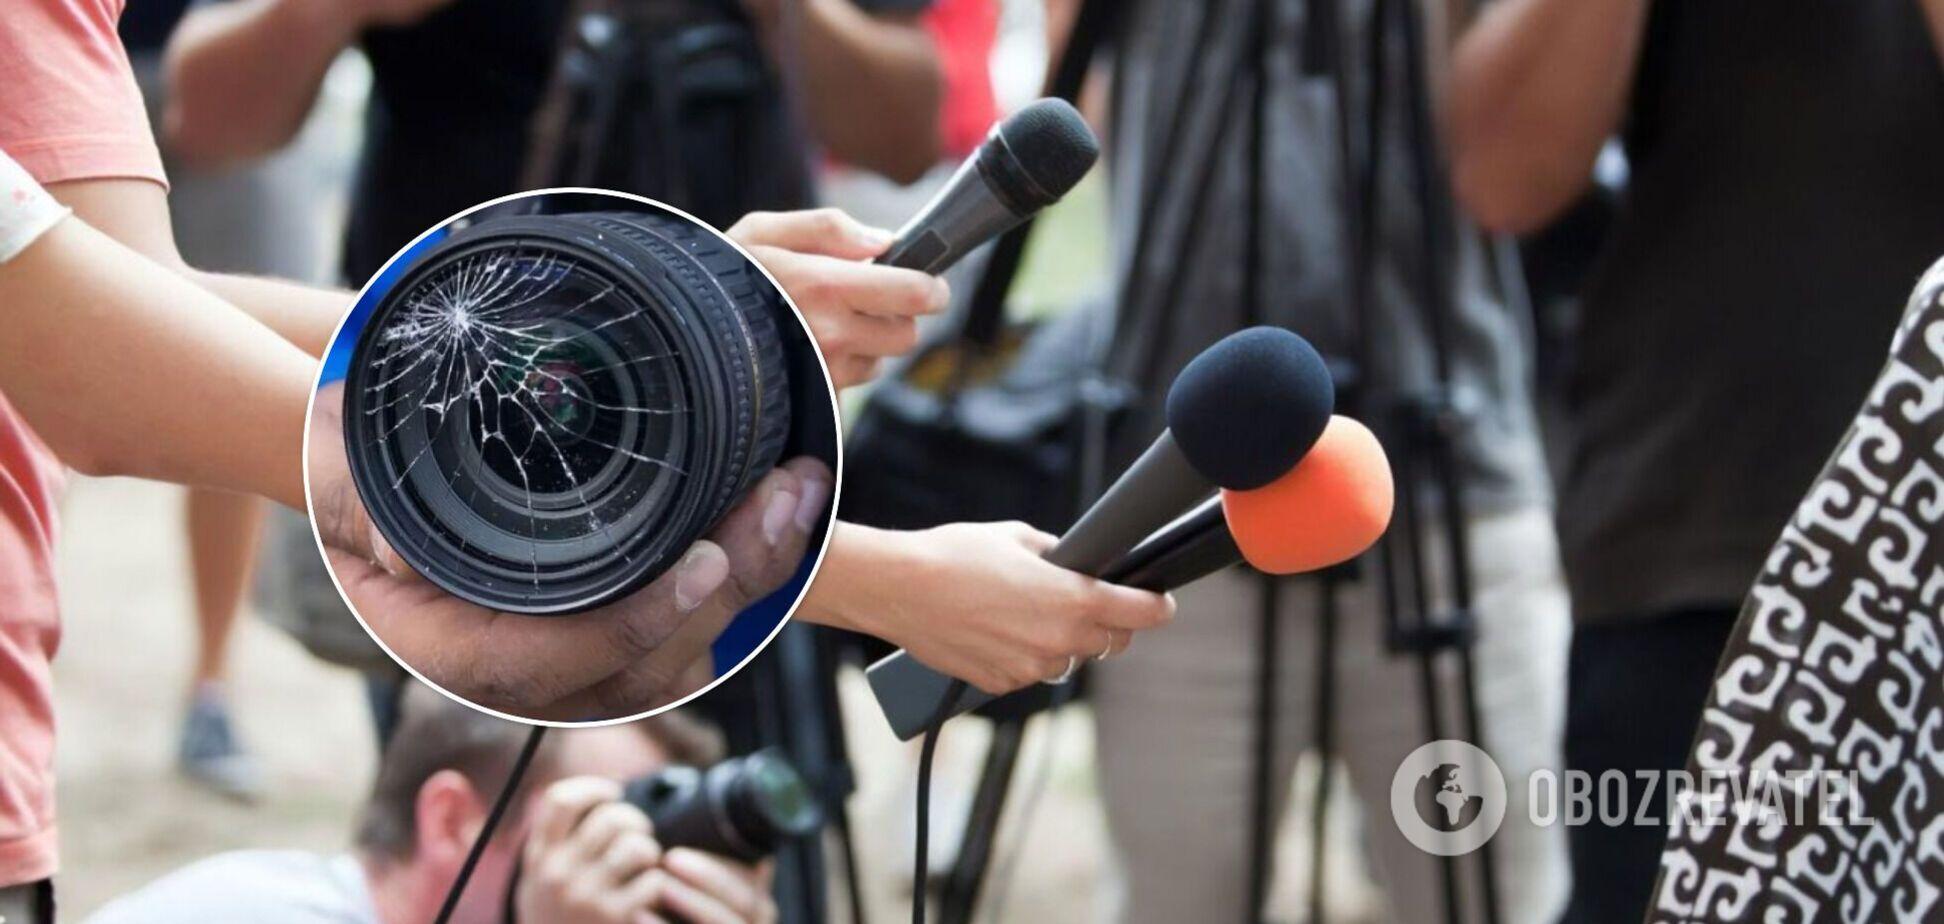 С начала 2021 года зафиксирован 21 случай физической агрессии против журналистов – НСЖУ